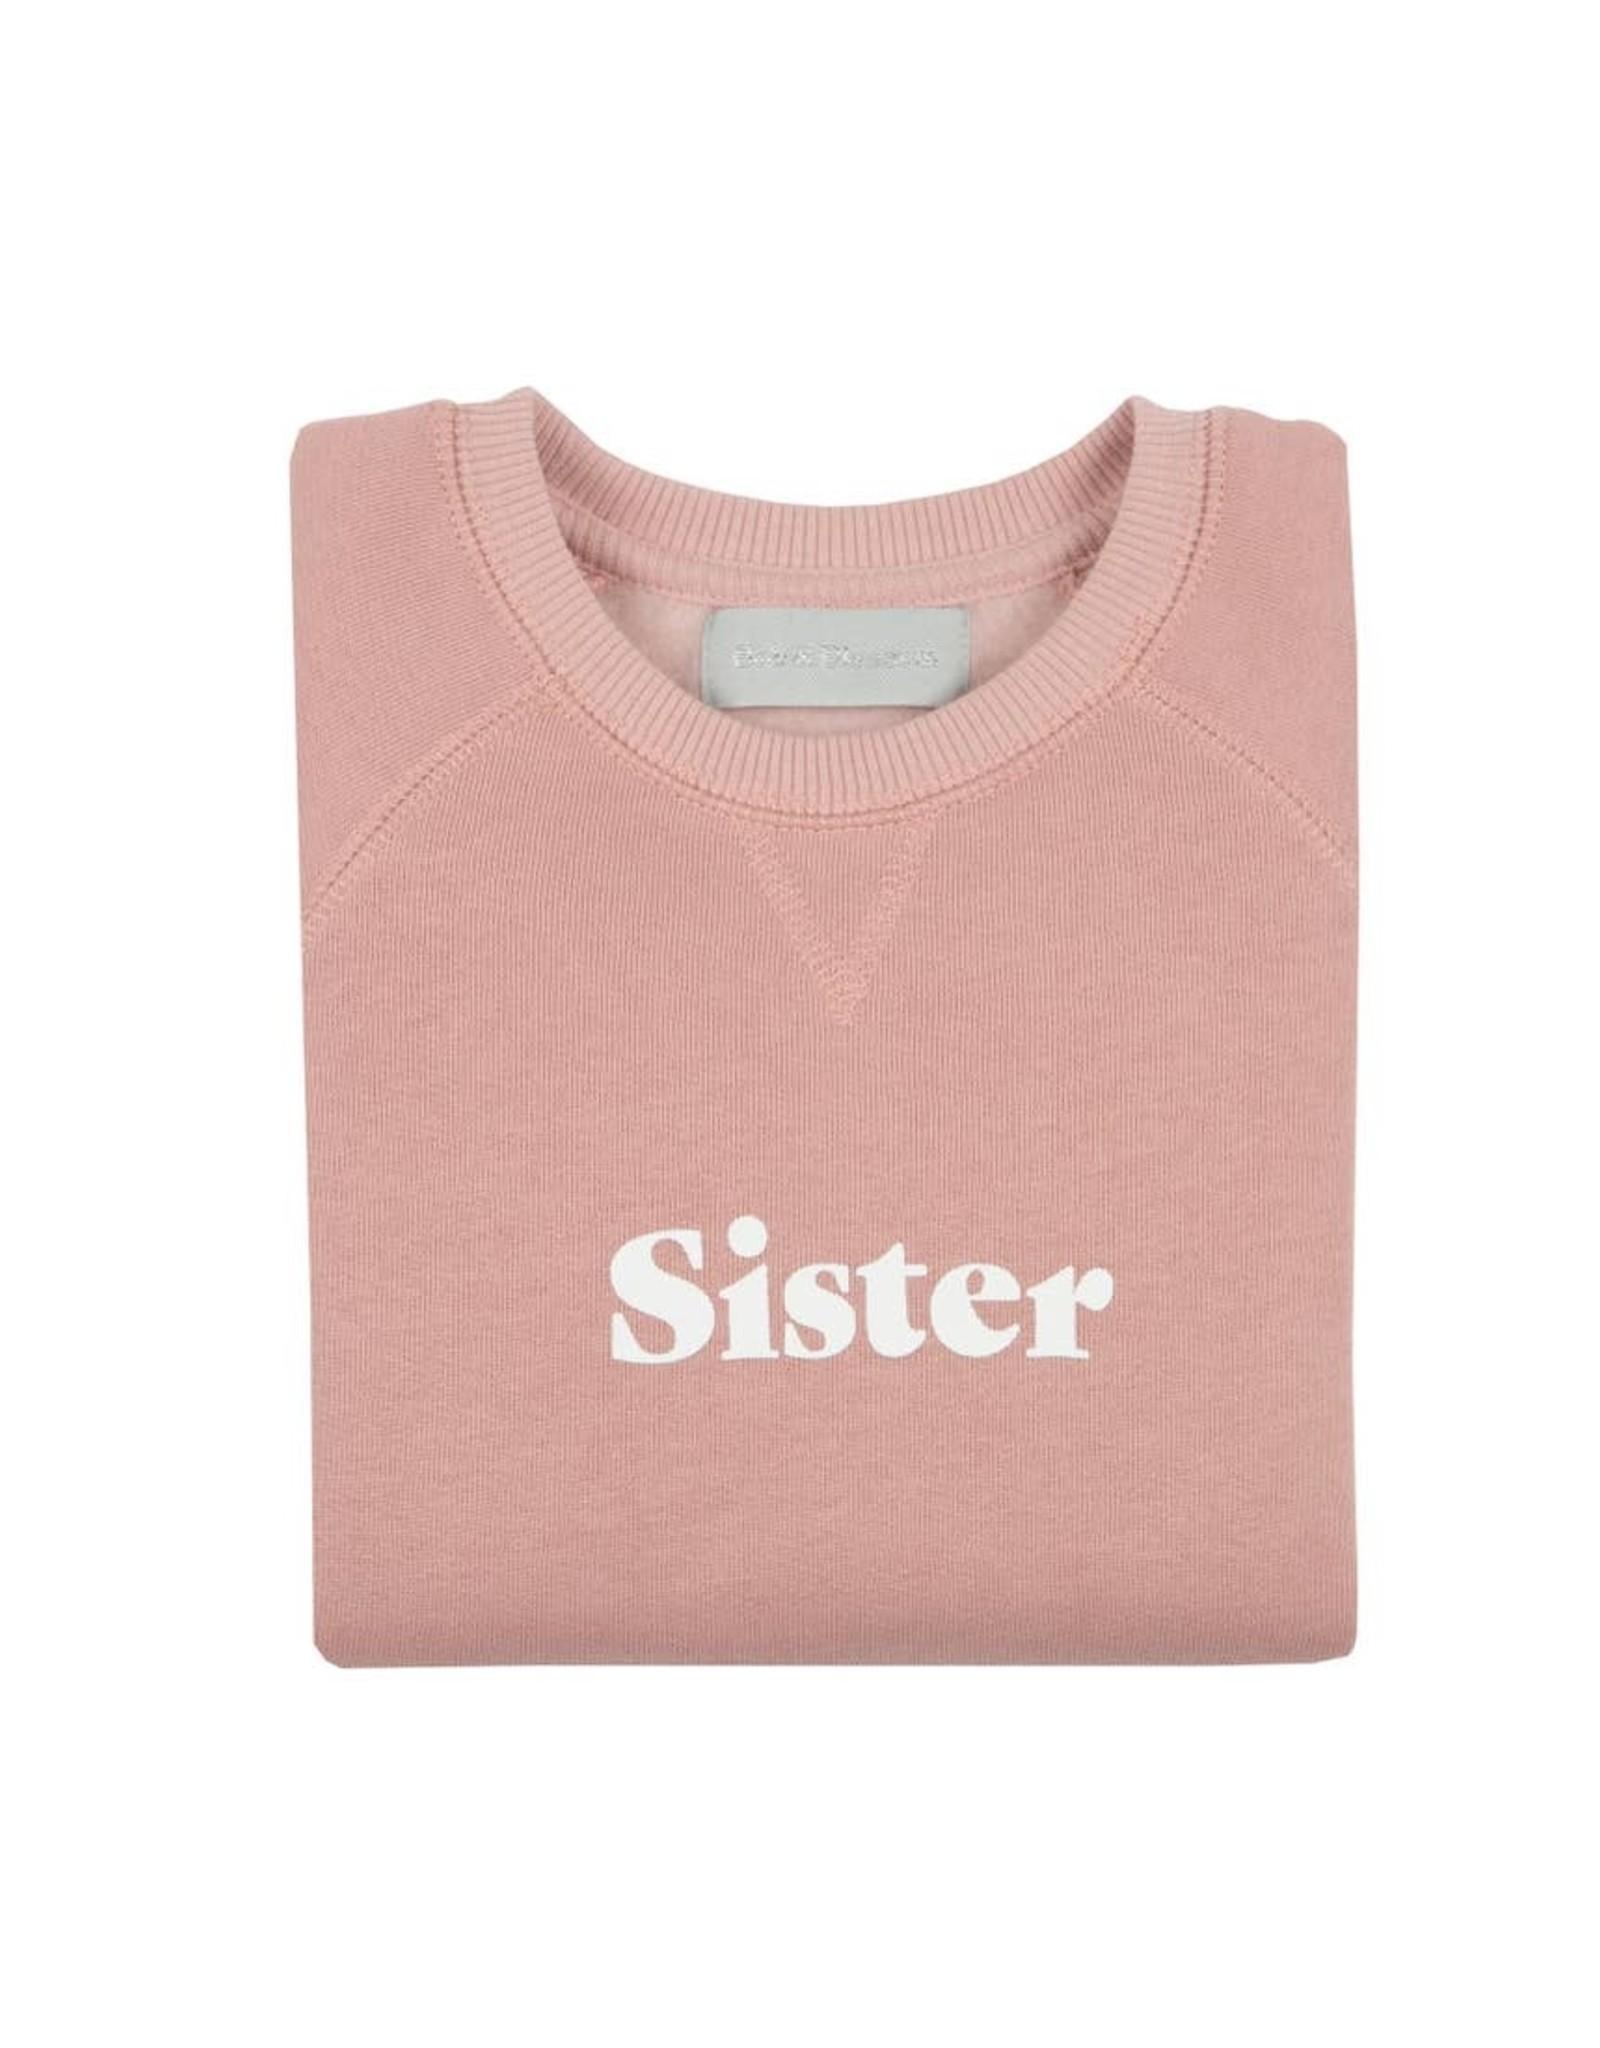 Bob & blossom Blush Sister Sweatshirt